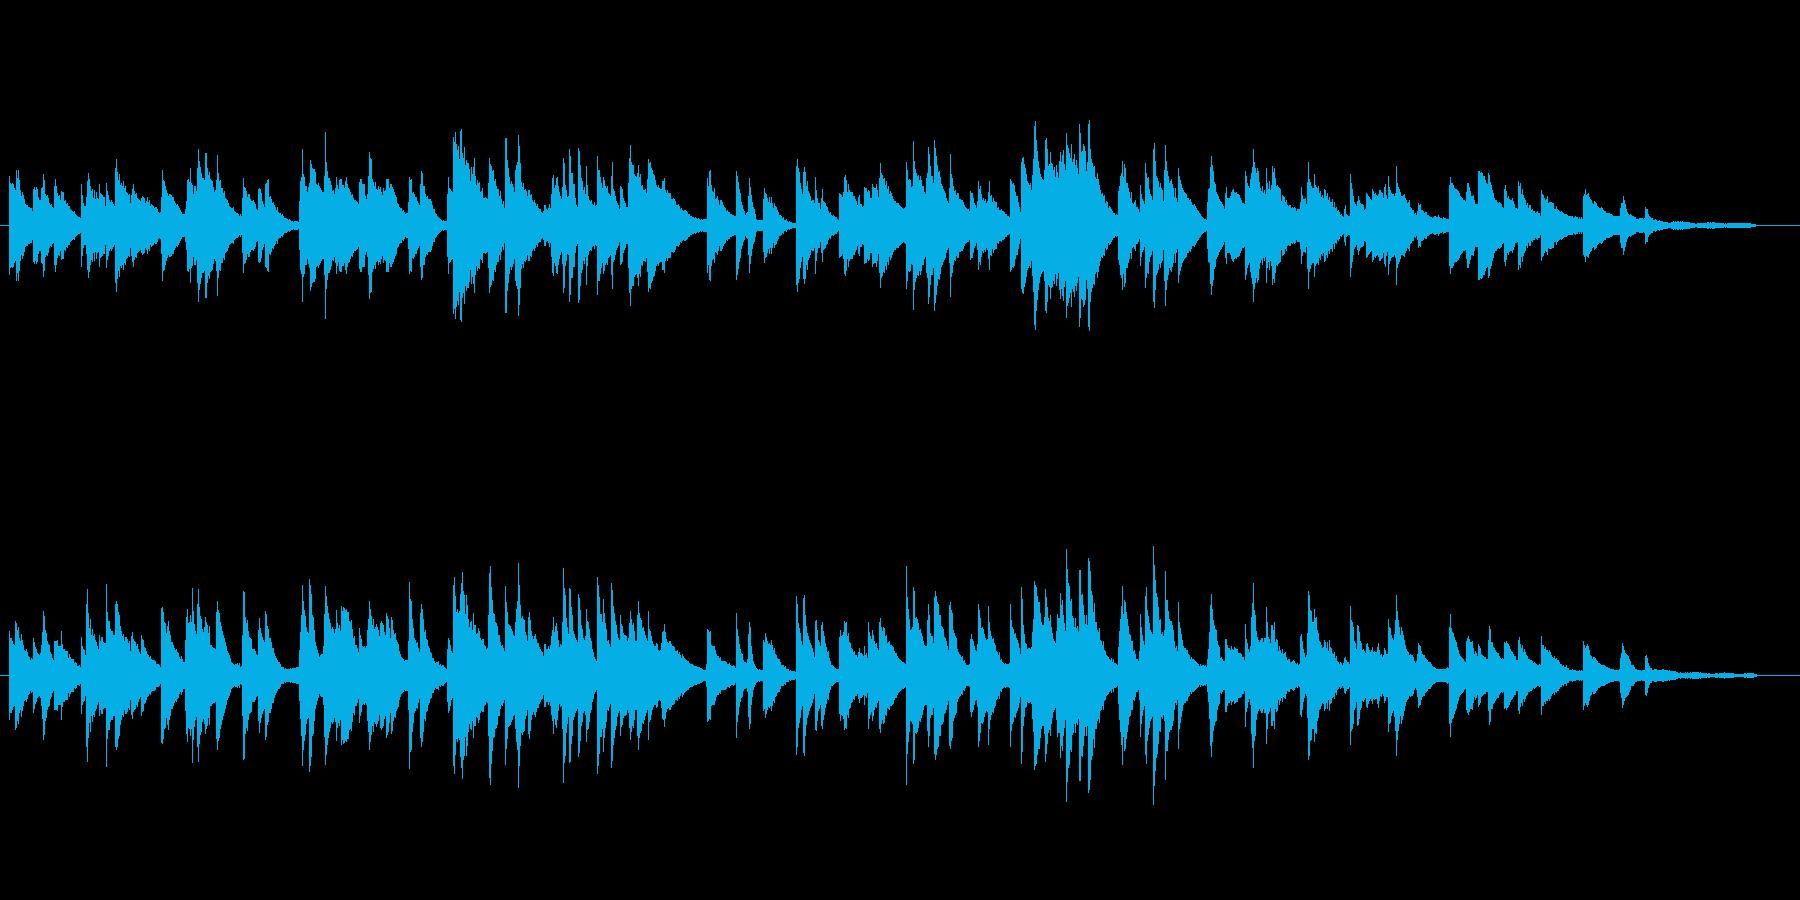 ジャズピアノソロ「いつか王子様が」の再生済みの波形